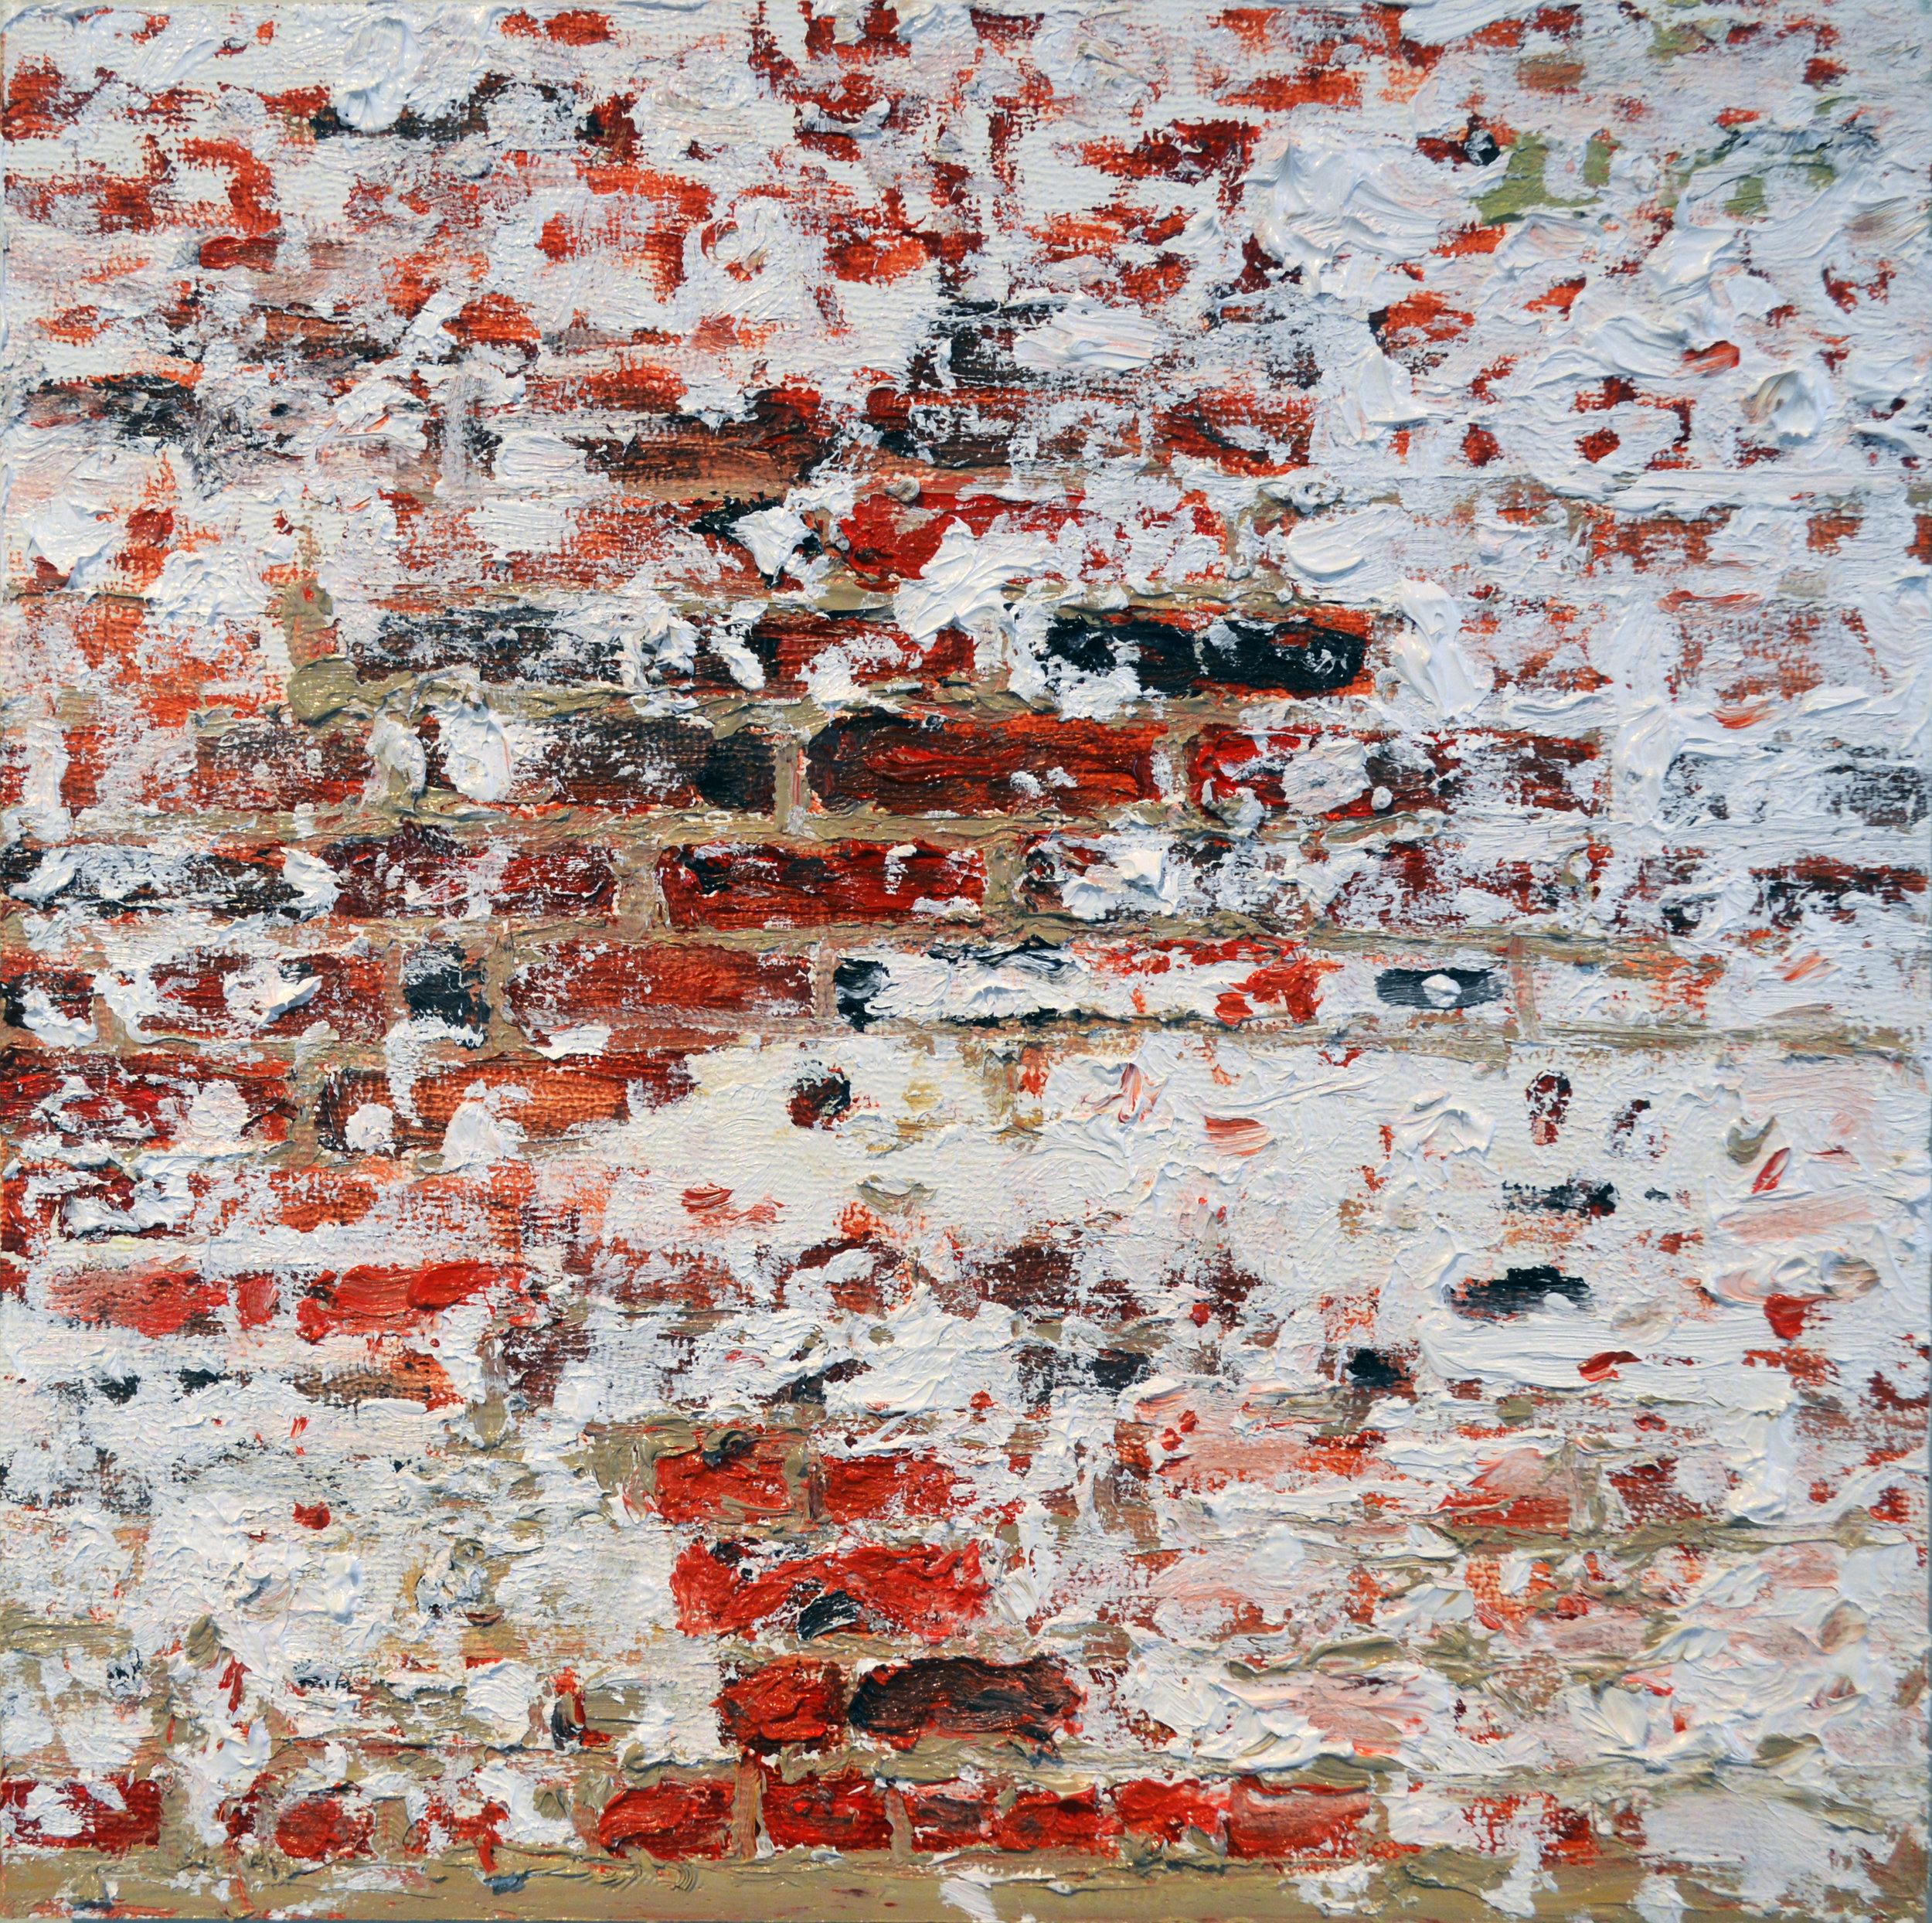 An Old Brick Wall